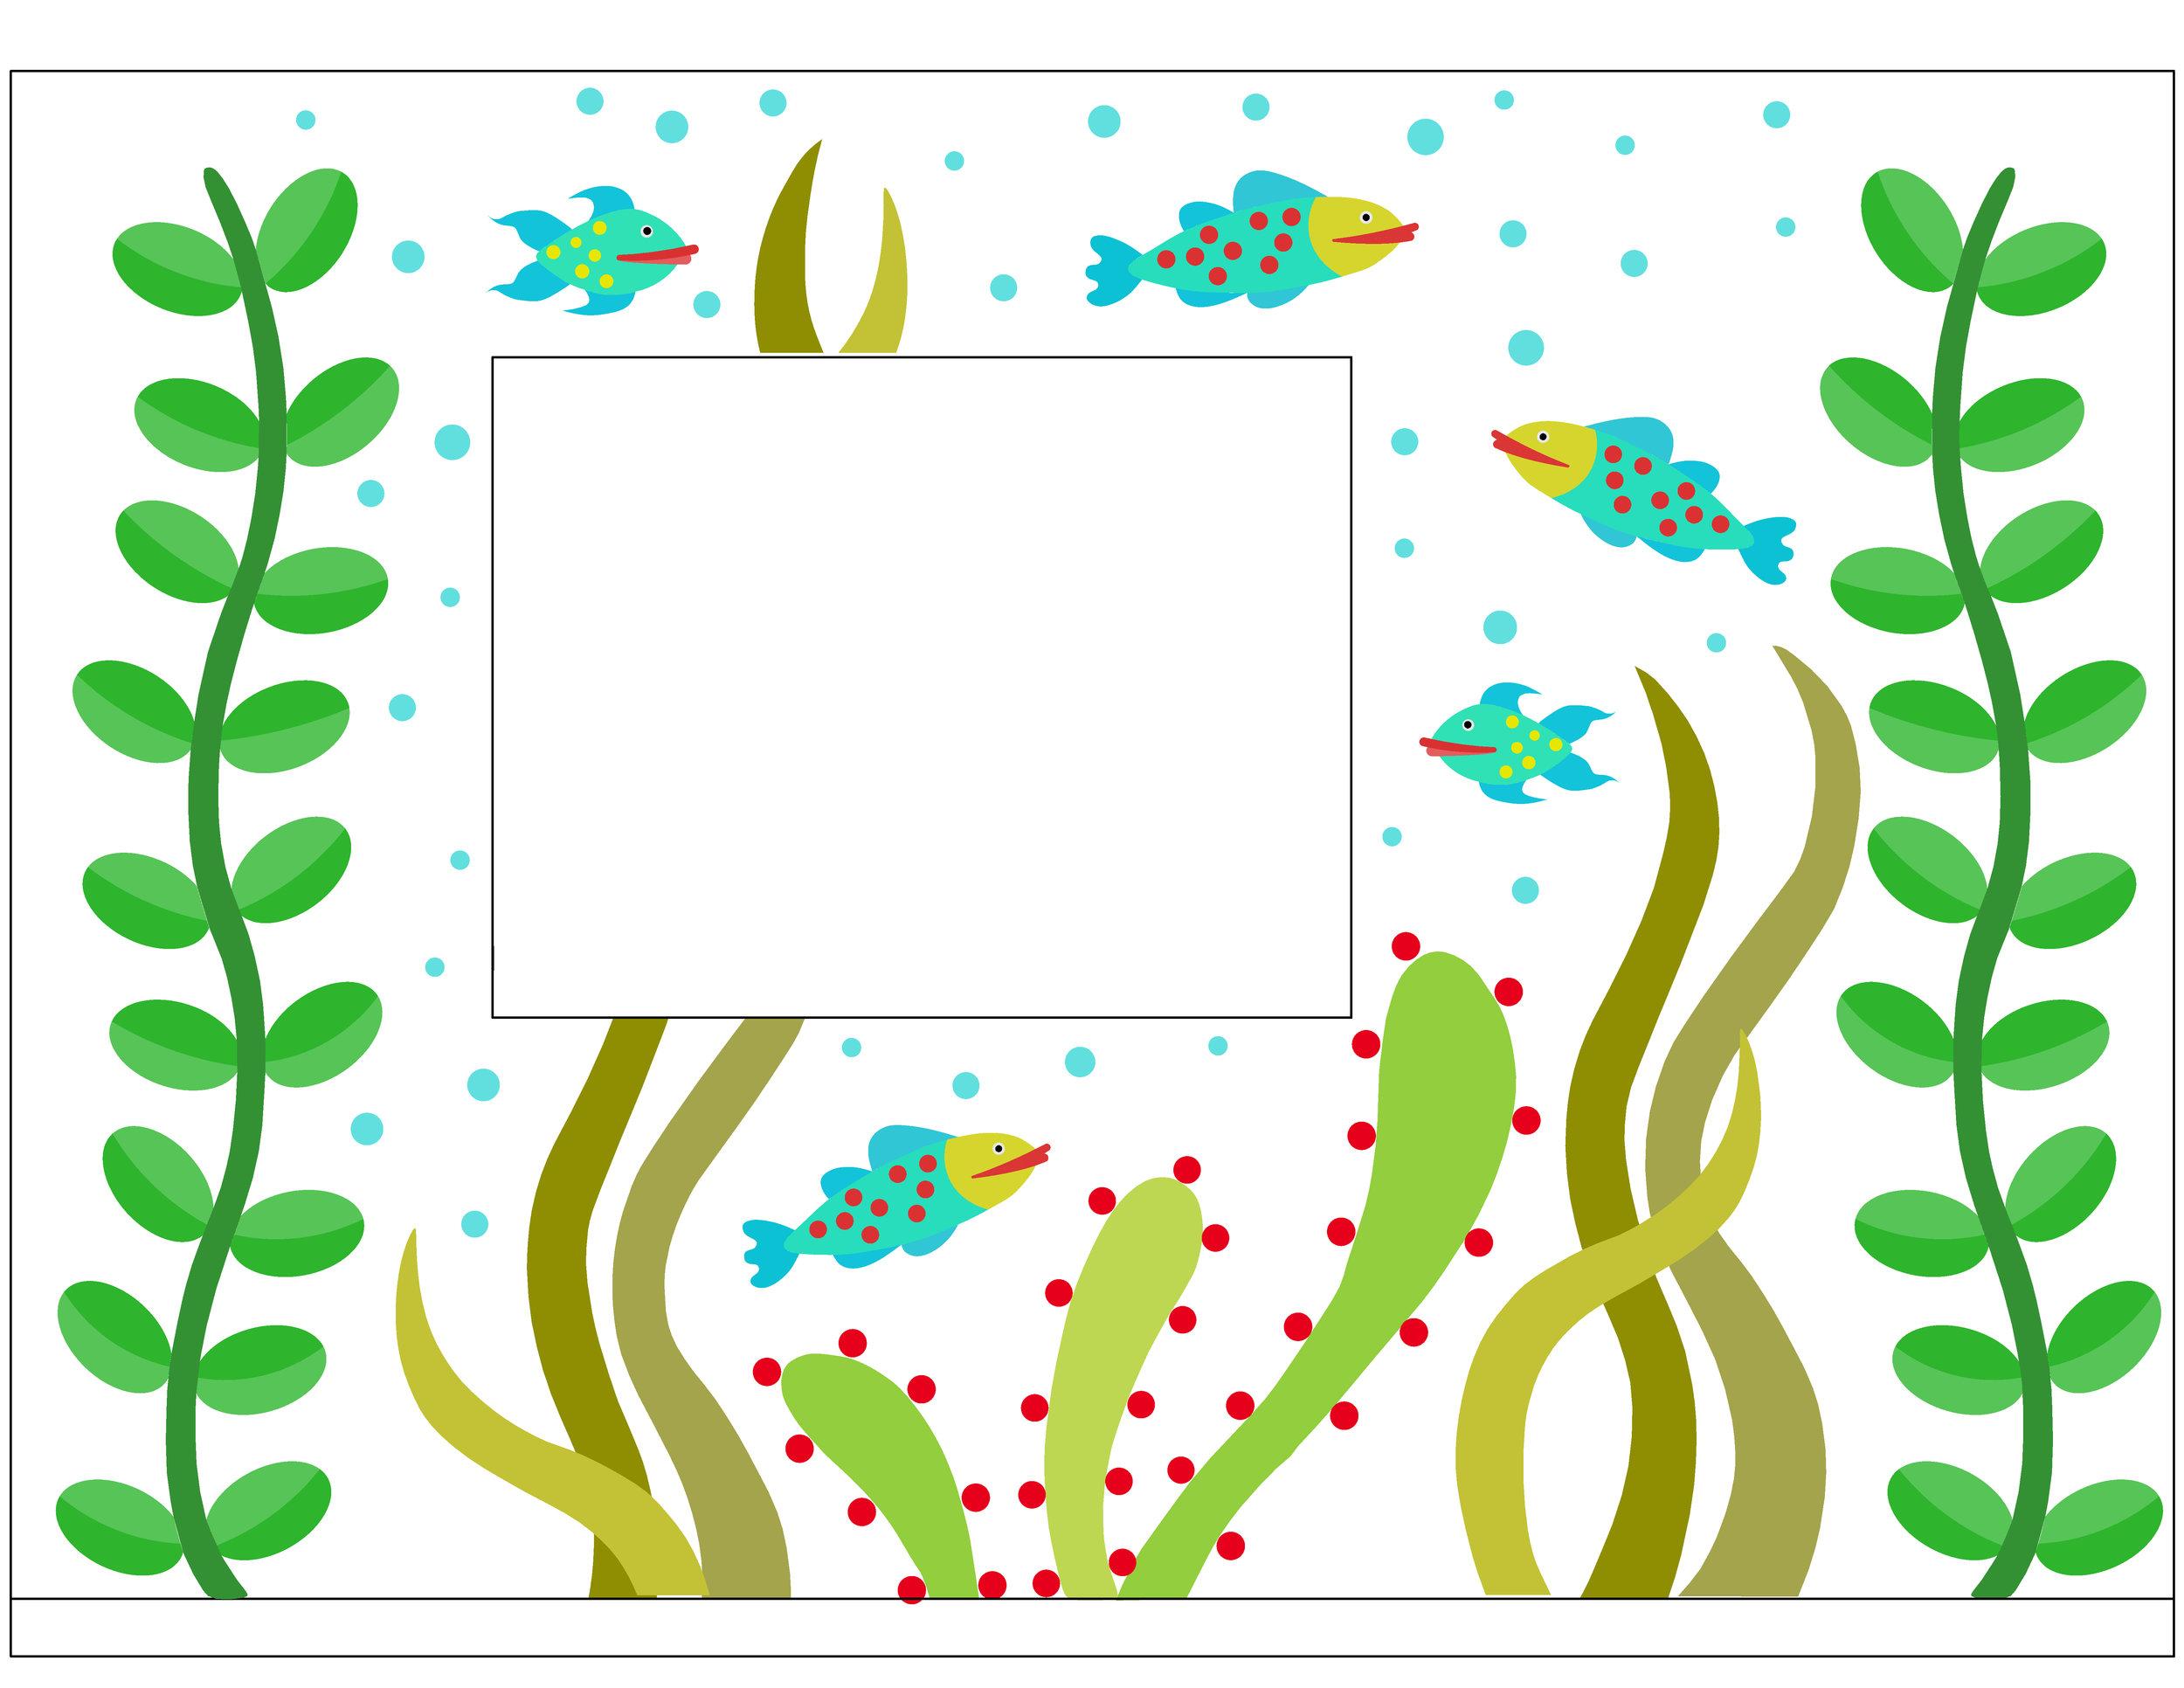 Aquarium Wall CAD